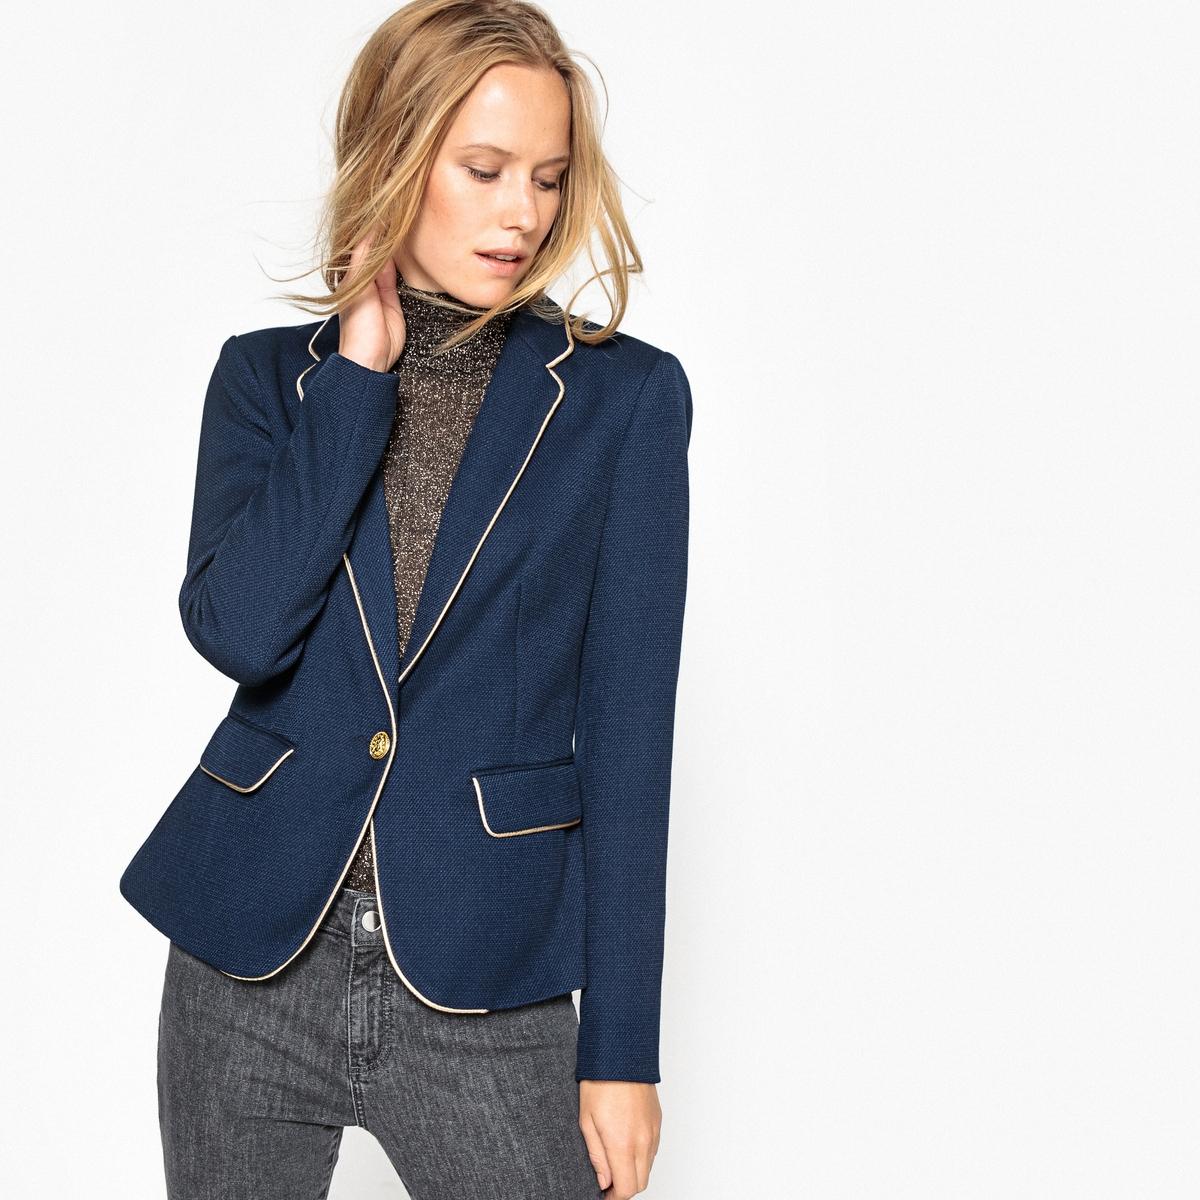 Куртка приталеннаяДетали •  Блейзер •  Приталенный покрой  •  Воротник-поло, рубашечный Состав и уход •  60% хлопка, 40% полиэстера  •  Следуйте советам по уходу, указанным на этикетке<br><br>Цвет: темно-синий<br>Размер: XS